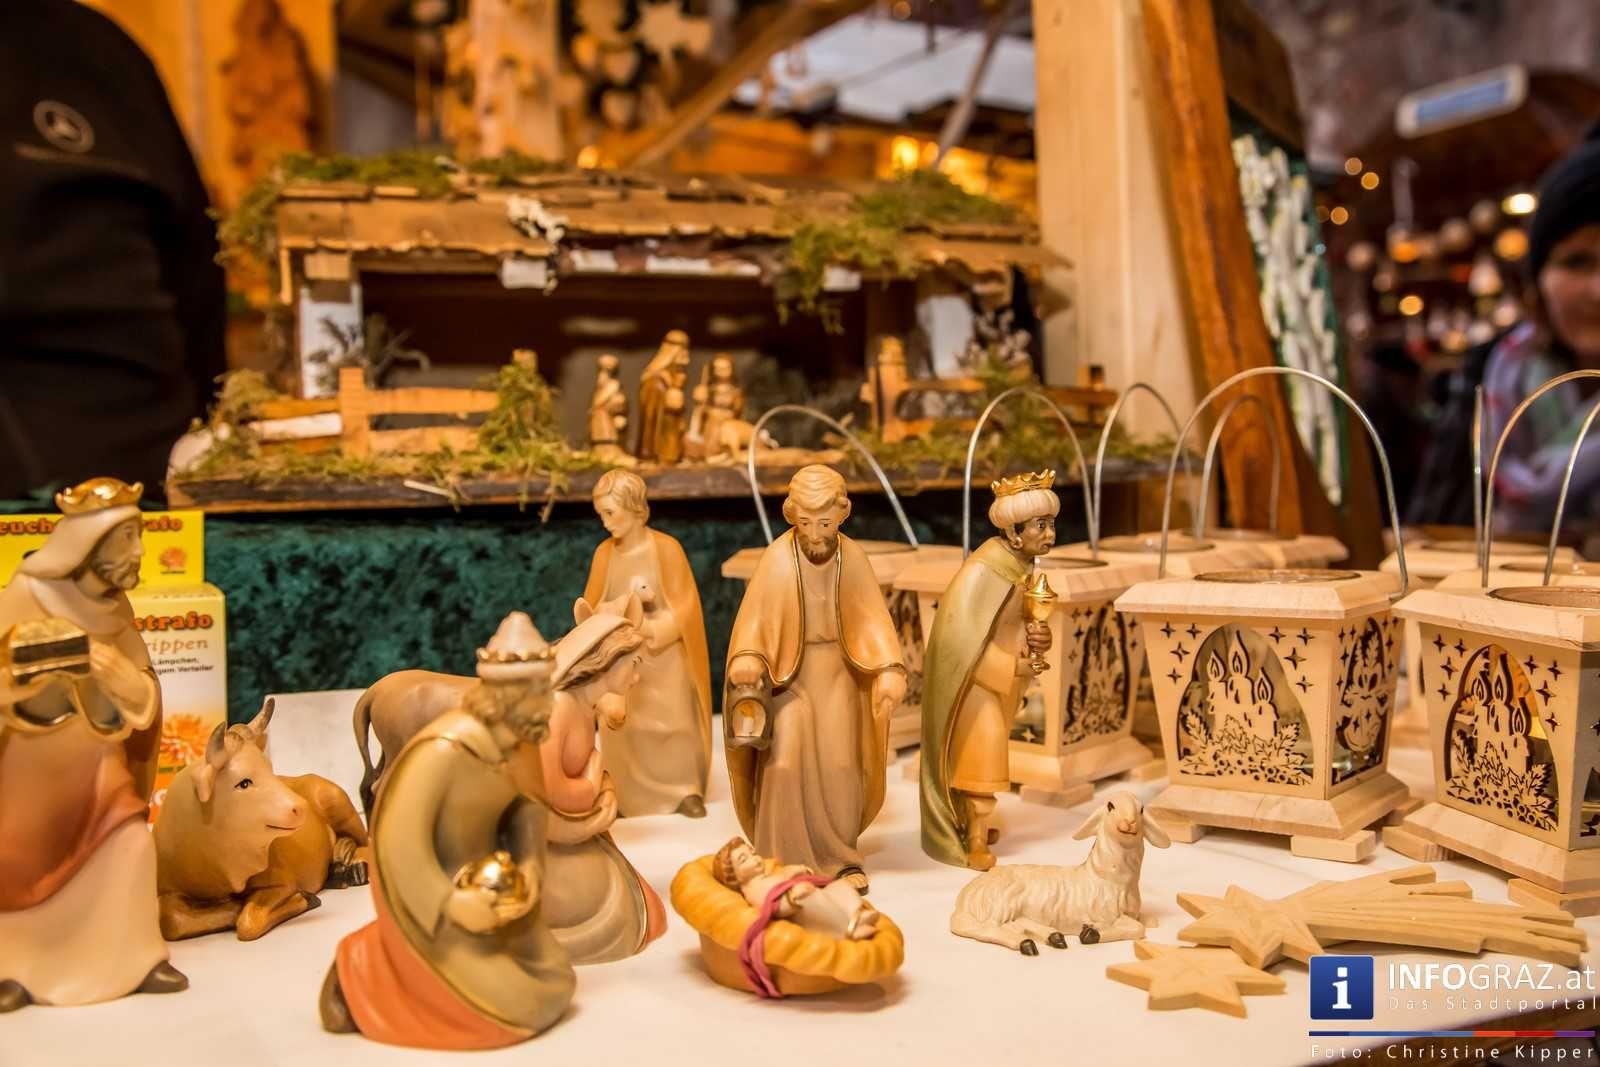 """Advent in Graz  Am 3. Adventwochenende haben wir den #Mehlplatz besucht. Live-Musik stimmt auf den #Weihnachtsmarkt ein.  Dann geht es weiter zum """"#Aufsteirern-Weihnachtsmarkt"""" am Schloßberg in der #Schloßbergbühne #Kasematten. Über den Dächern von Graz bieten sich besinnliche Momente und man entflieht dem Trubel der Stadt. Das #Christkind ist dort auf Besuch und nimmt die Weihnachtspost der Kleinen entgegen. #AufsteirernWeihnachtsmarkt #SchloßbergbühneKasematten #WeihnachtsmarktMehlplatz"""